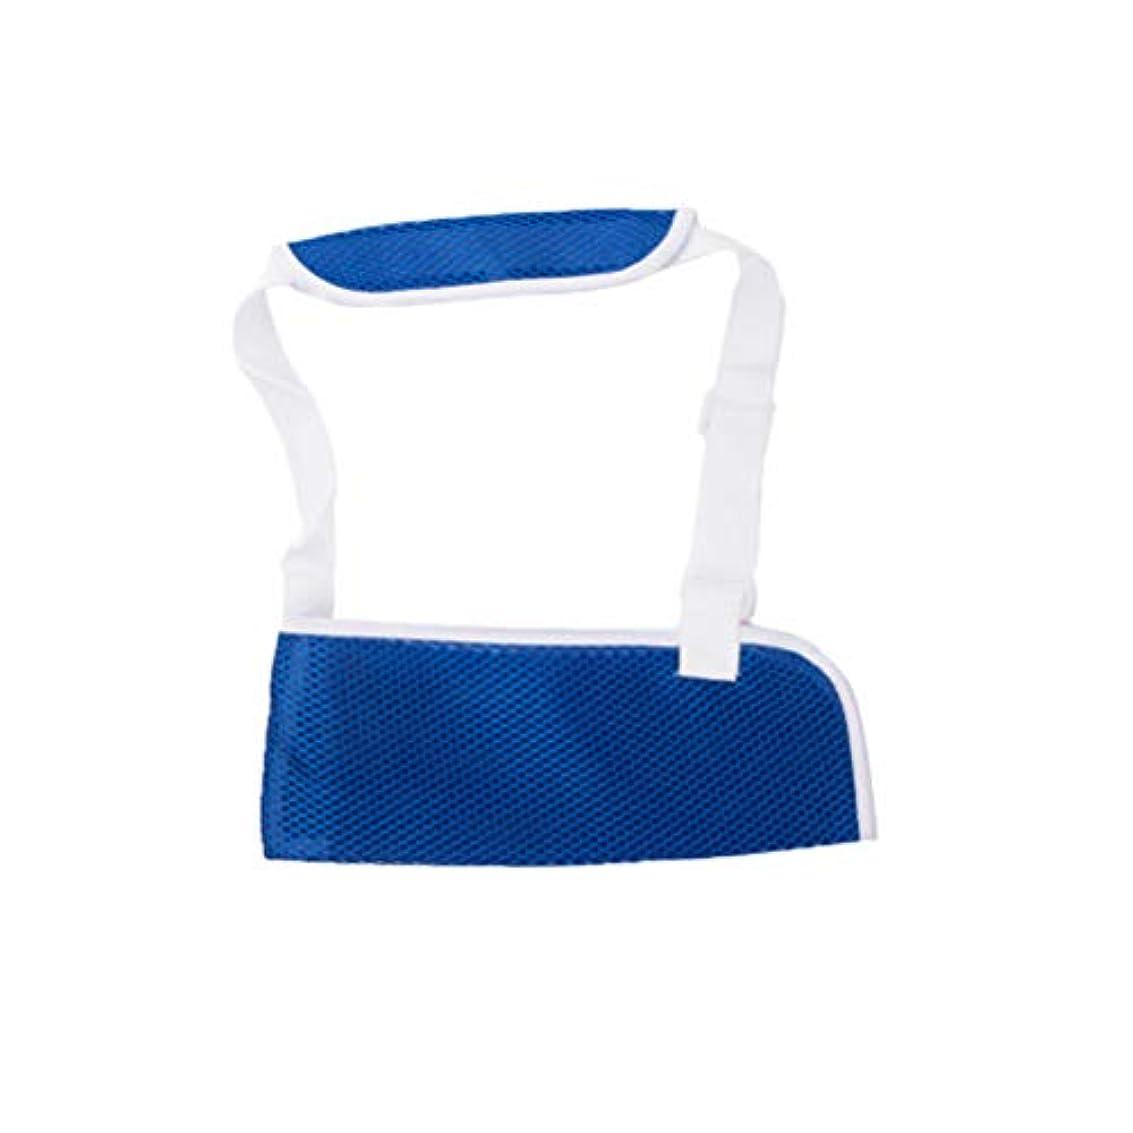 知恵肌寒い落ち着かないSUPVOX 子供たちは脱臼骨折捻挫のためのスリング調節可能なショルダーイモビライザーアームスリング通気性医療肩壊れた腕腕